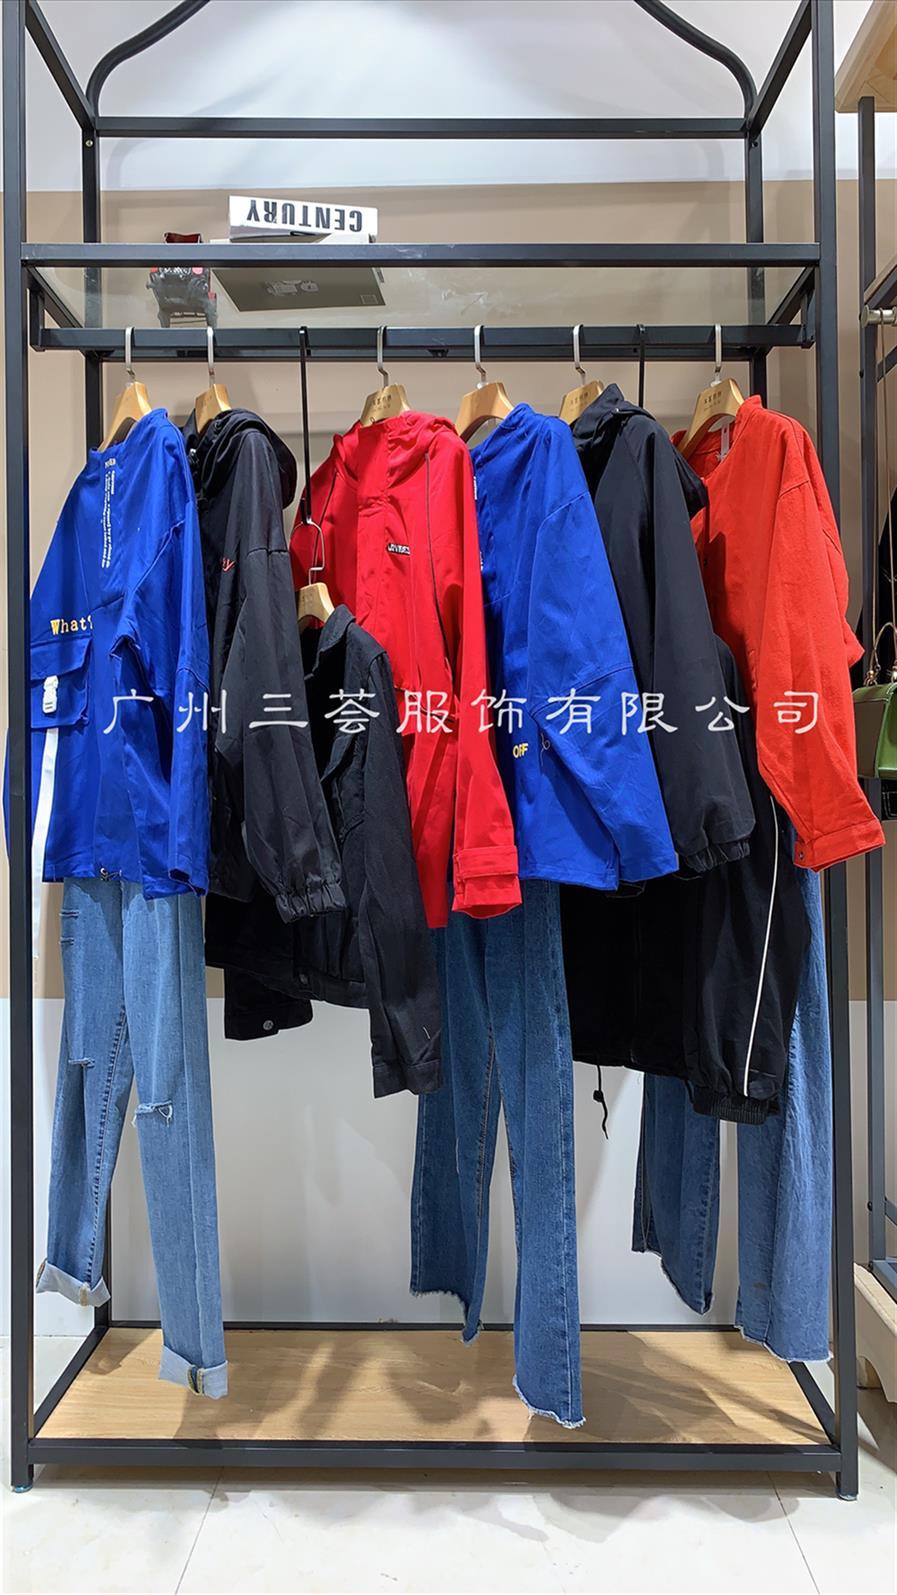 湖州杭州设计品牌 杭州设计品牌 女装批发尾货 迪笛欧